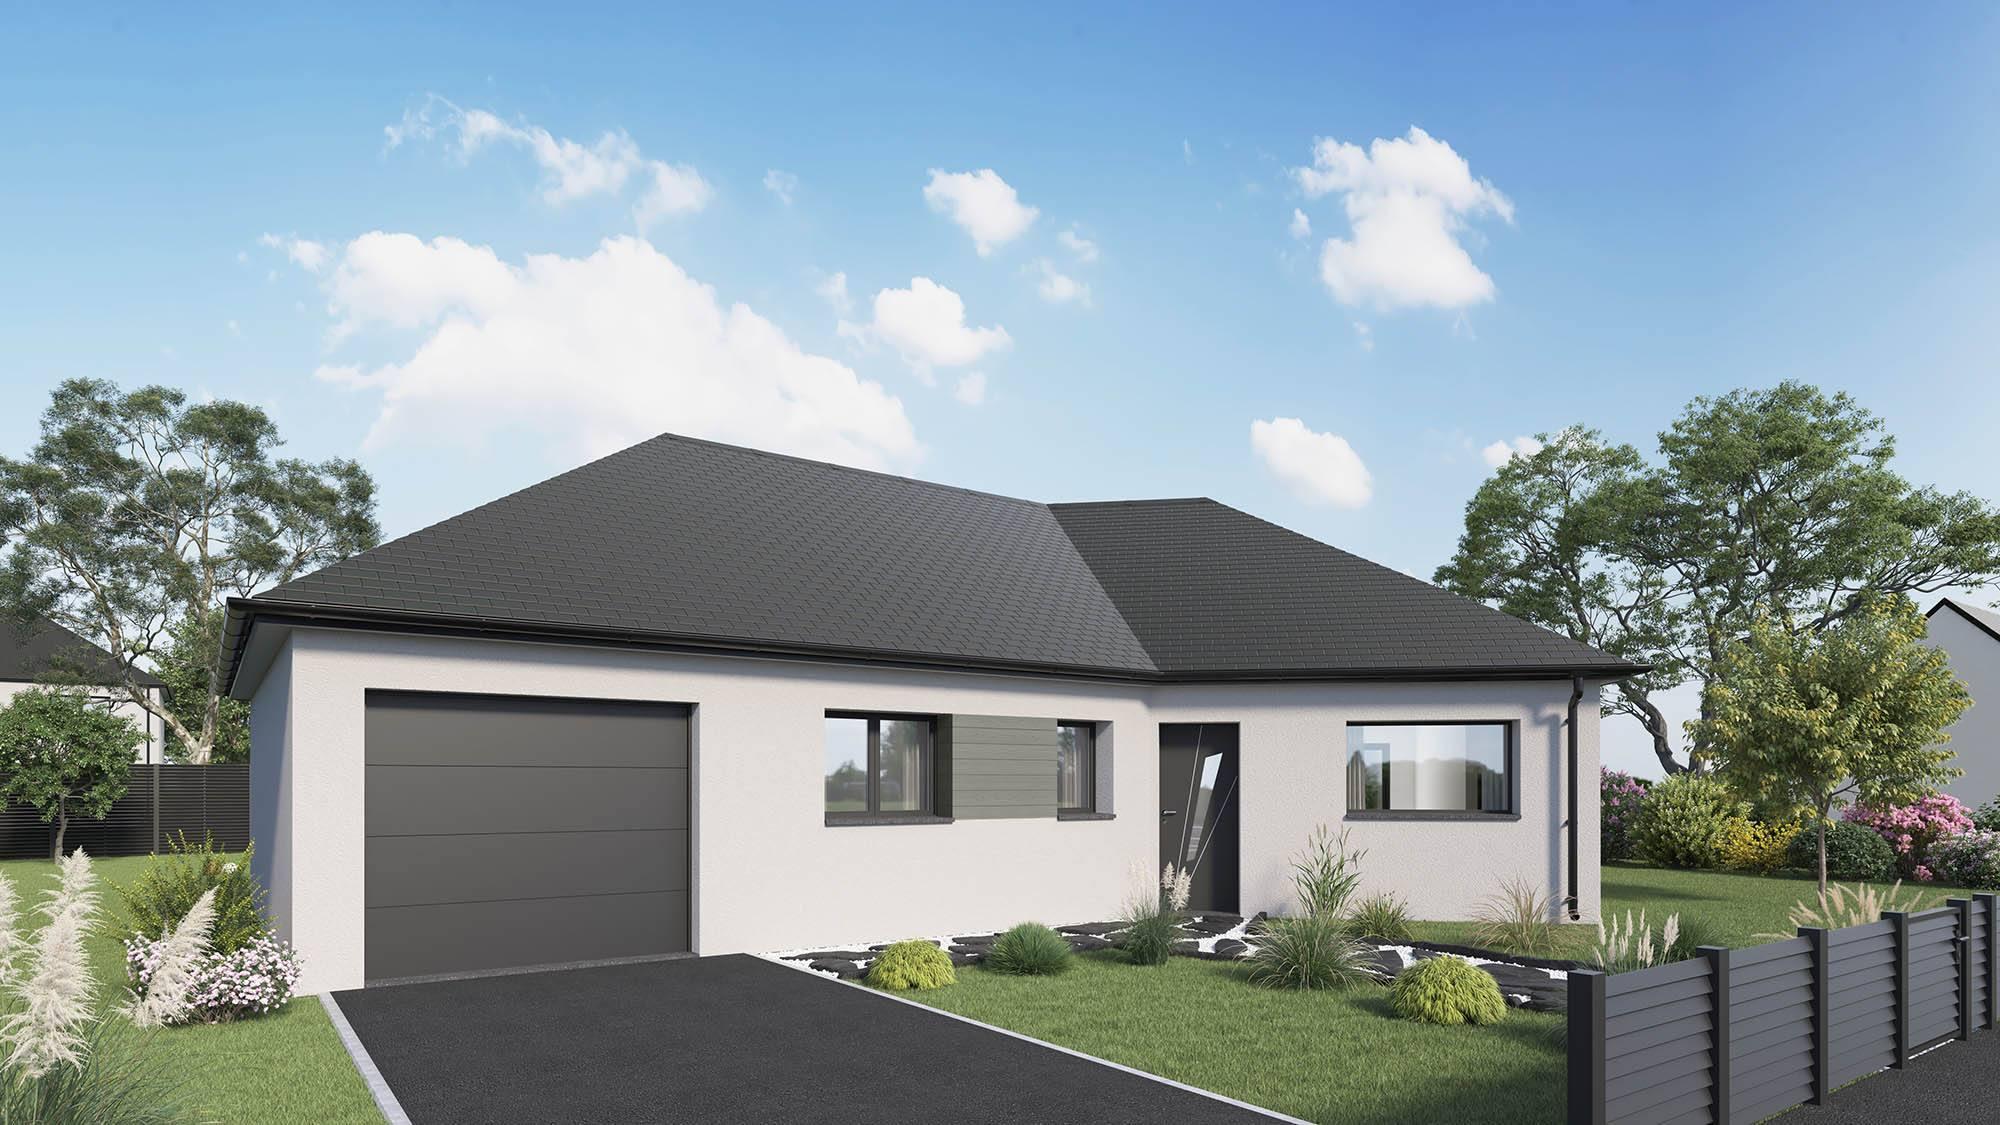 Votre maison + terrain à Noyelles-sous-Bellonne  - 62490